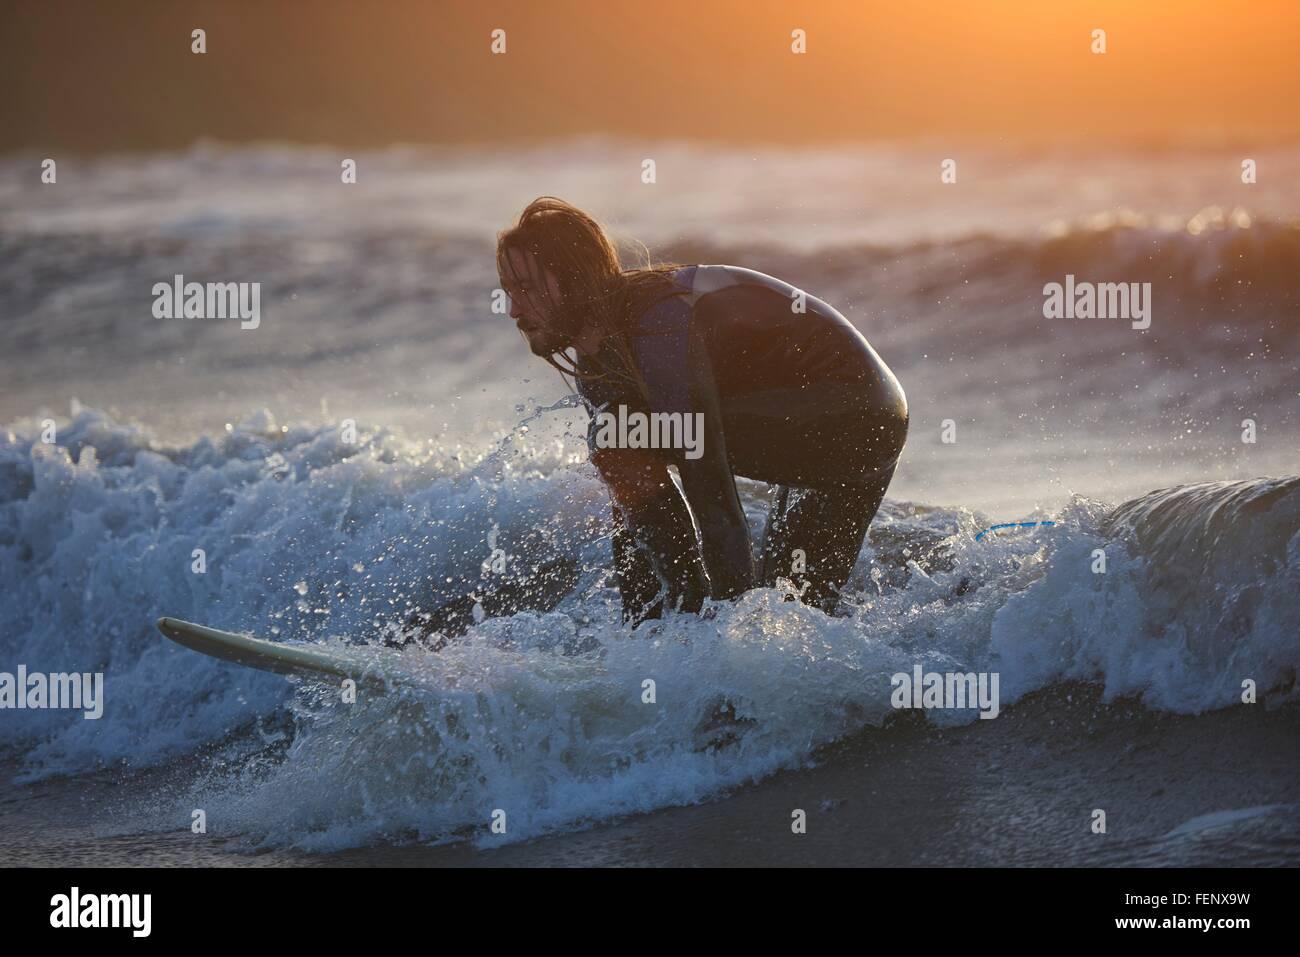 Junge männliche Surfer Surfen am Meer Welle, Devon, England, UK Stockfoto